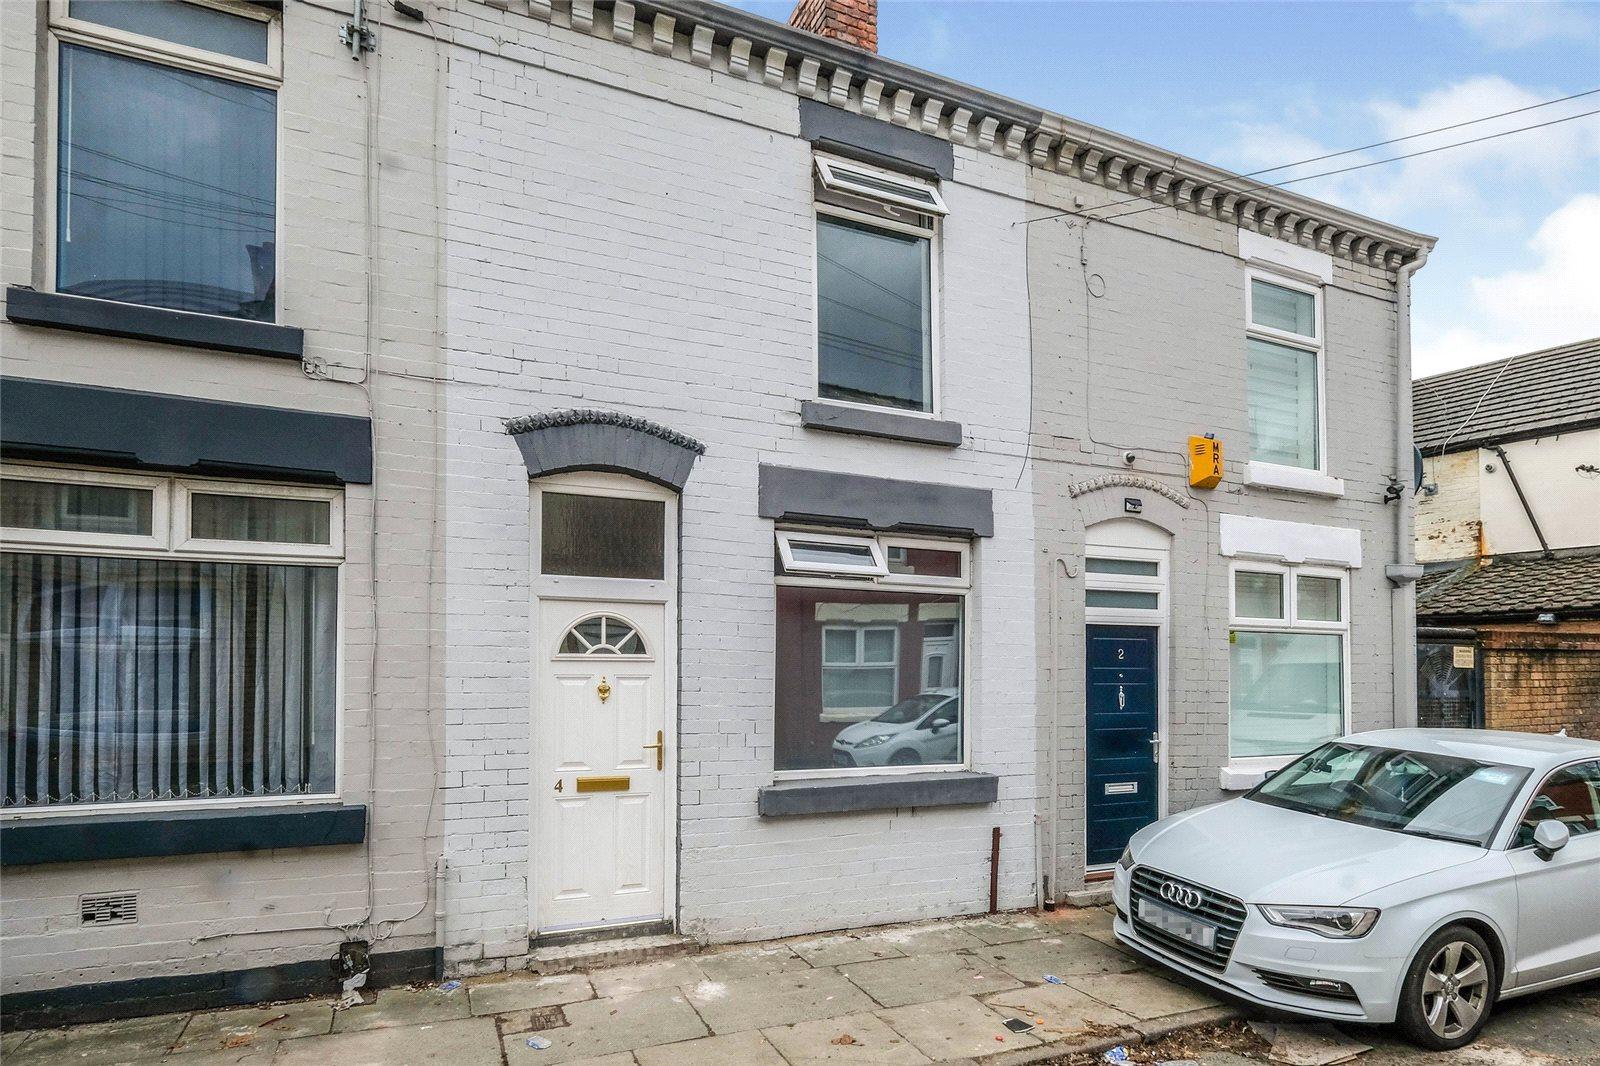 Galloway Street, Liverpool, L7 6PD